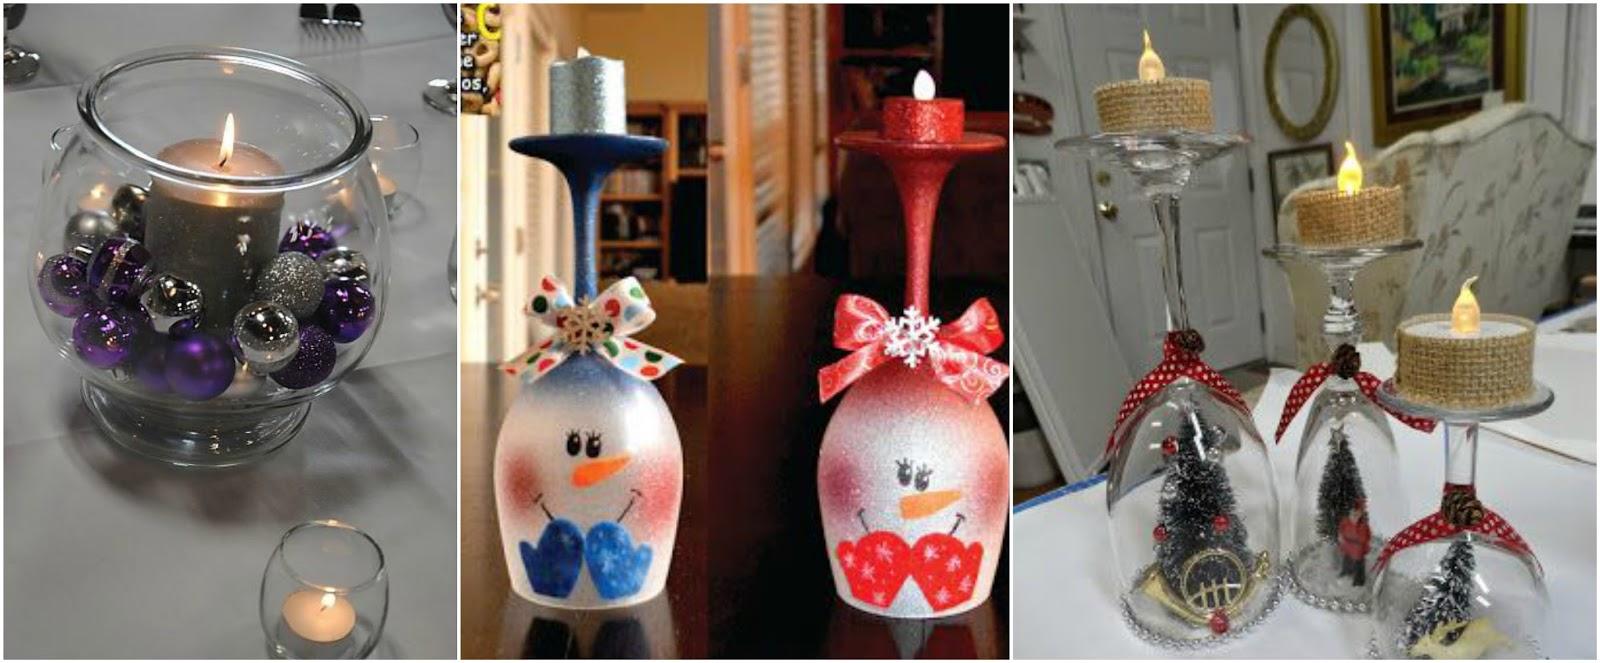 Adornos de navidad hechos con copas - Preparar mesa navidad ...